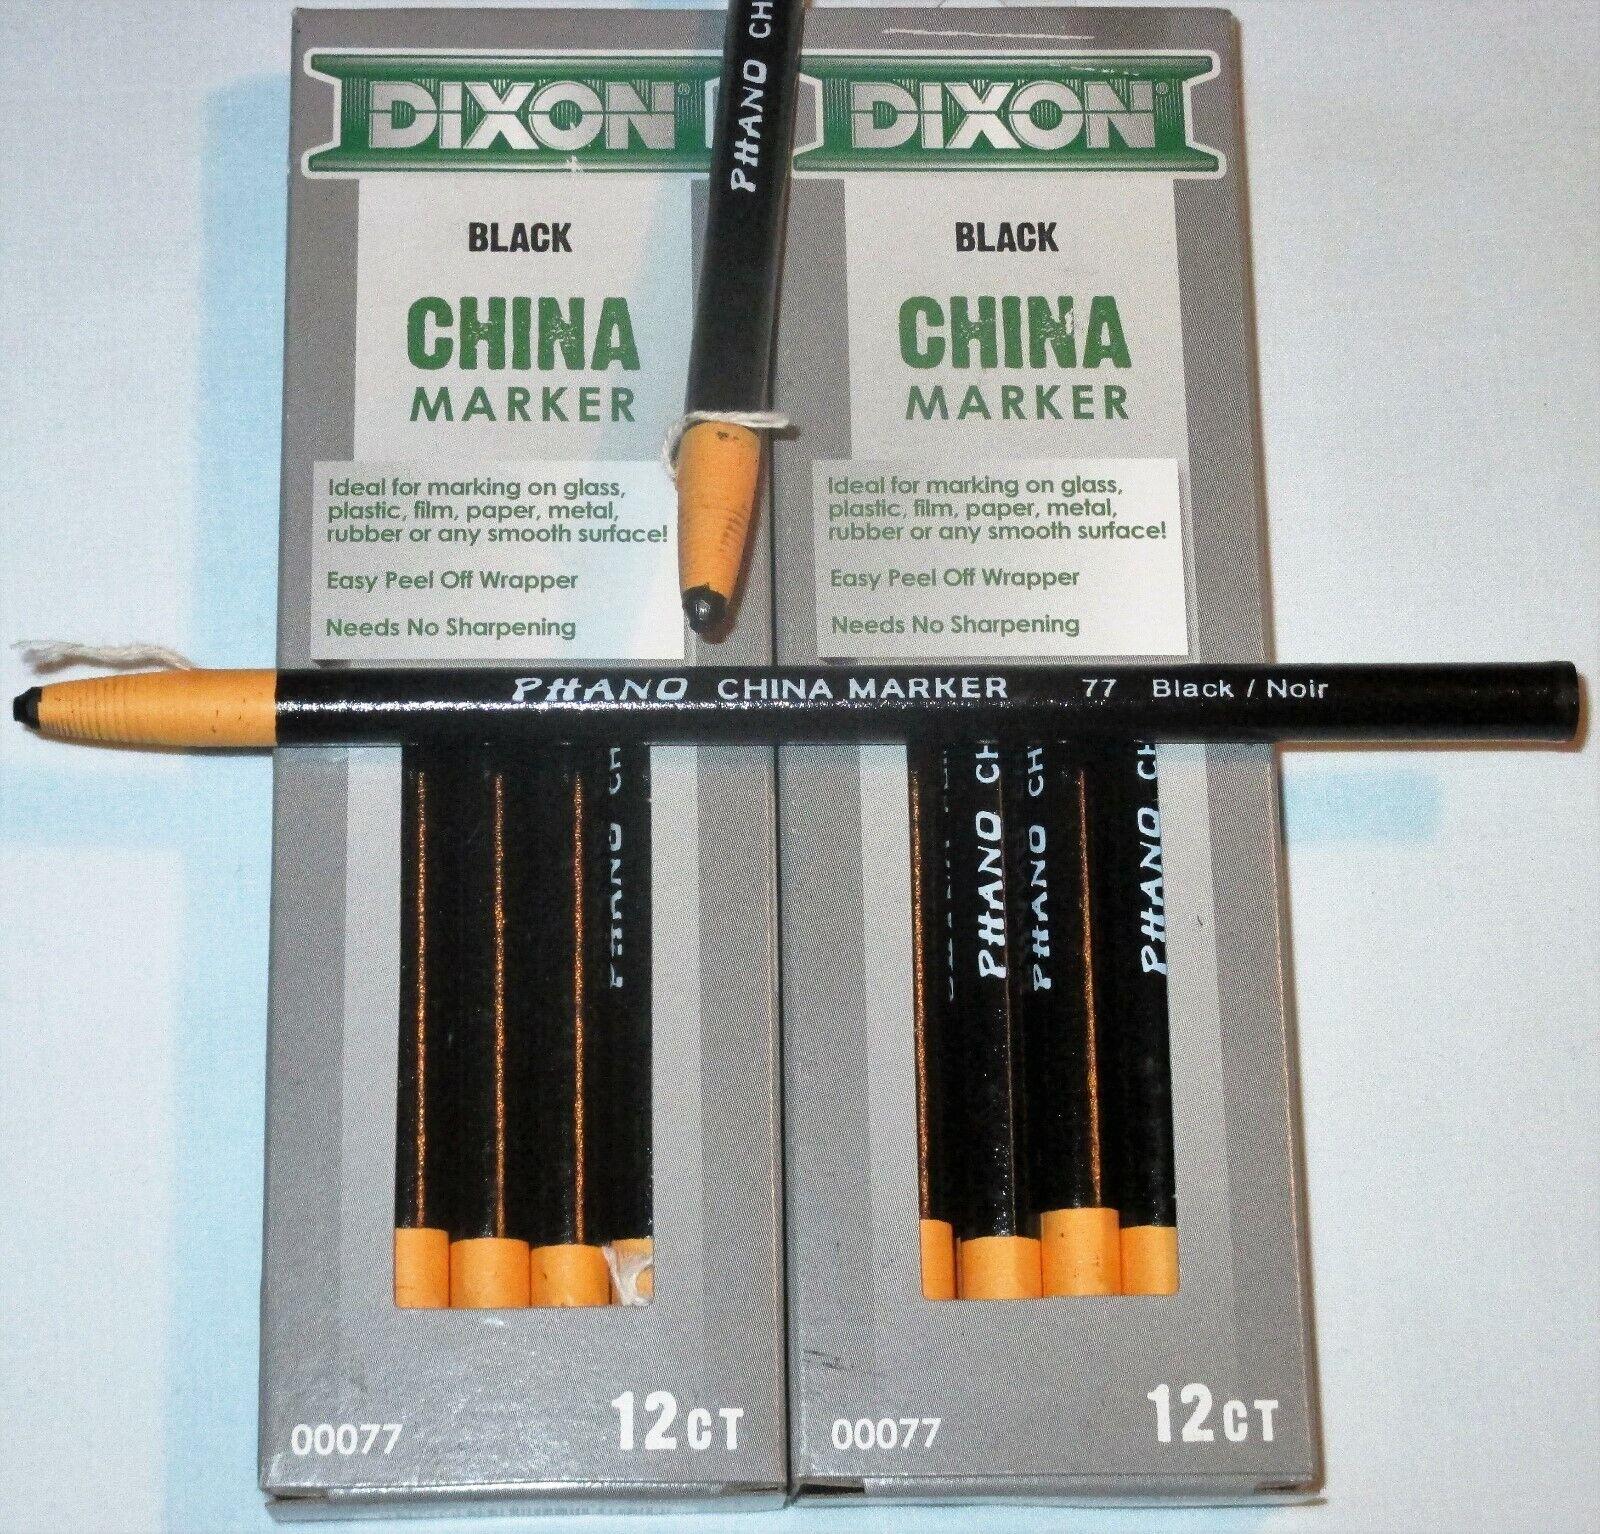 Dixon China Marker Black Wax Pencils Peel Off Wrapper 12ct